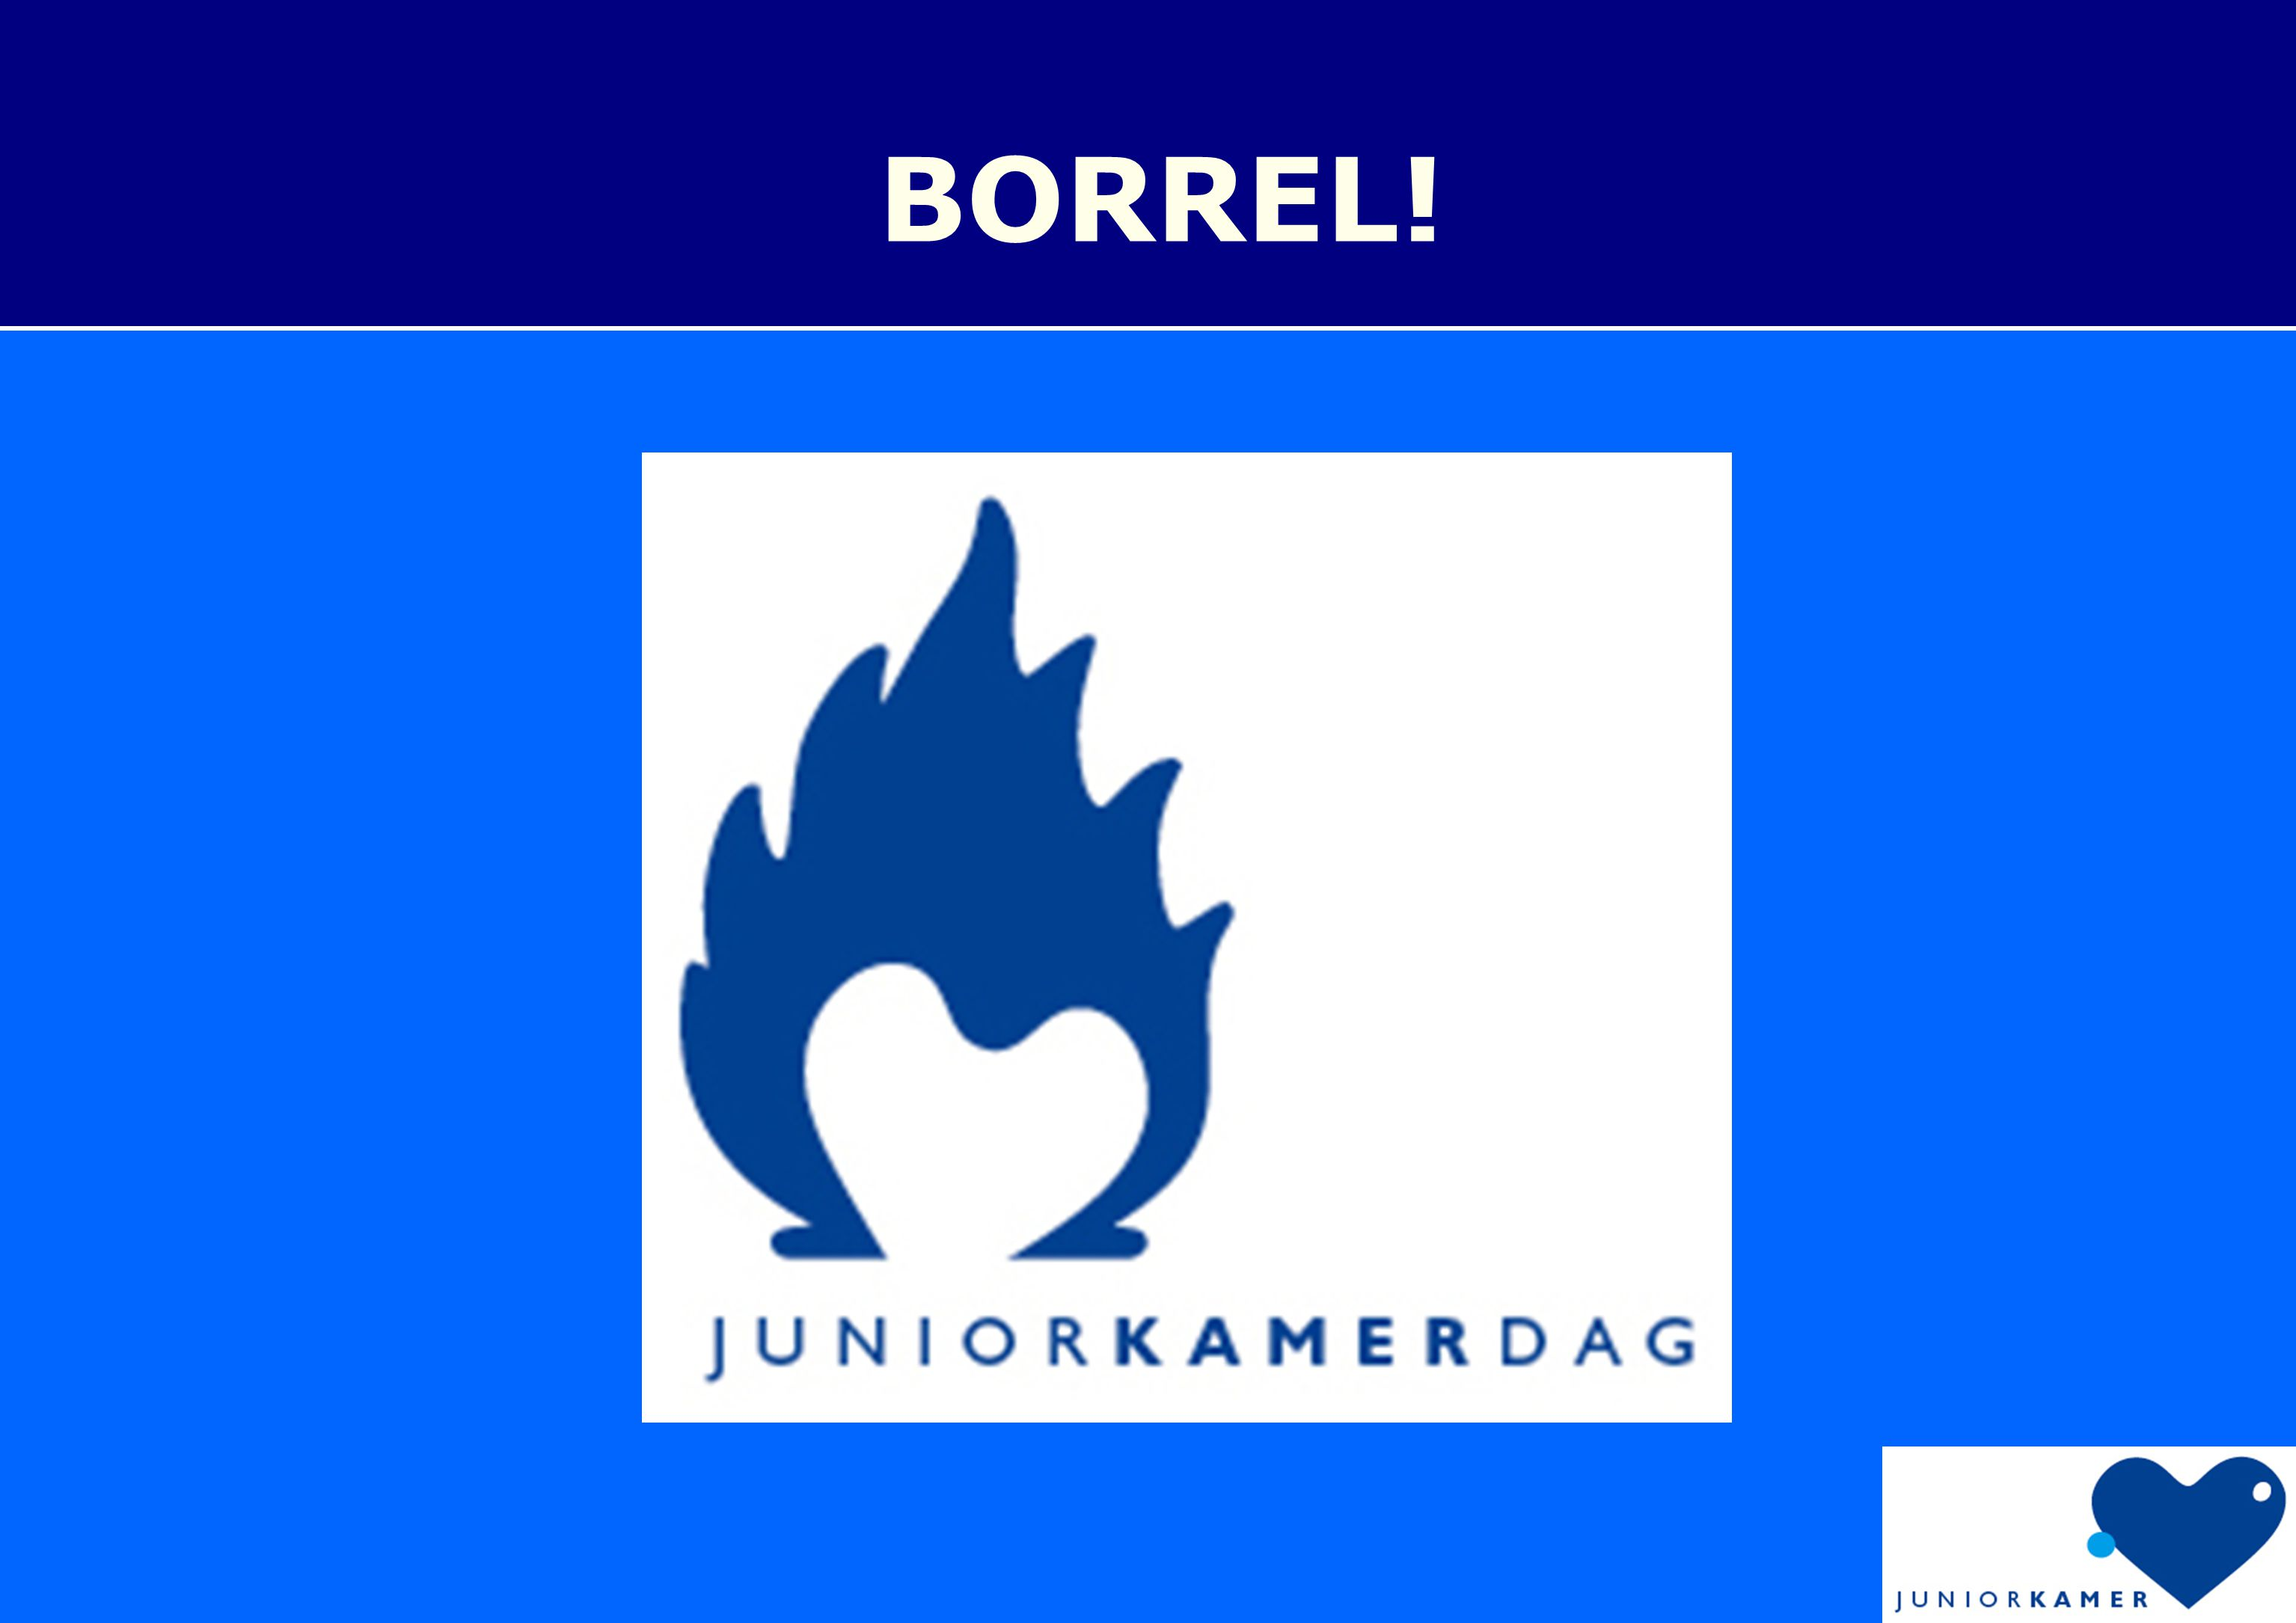 BORREL!